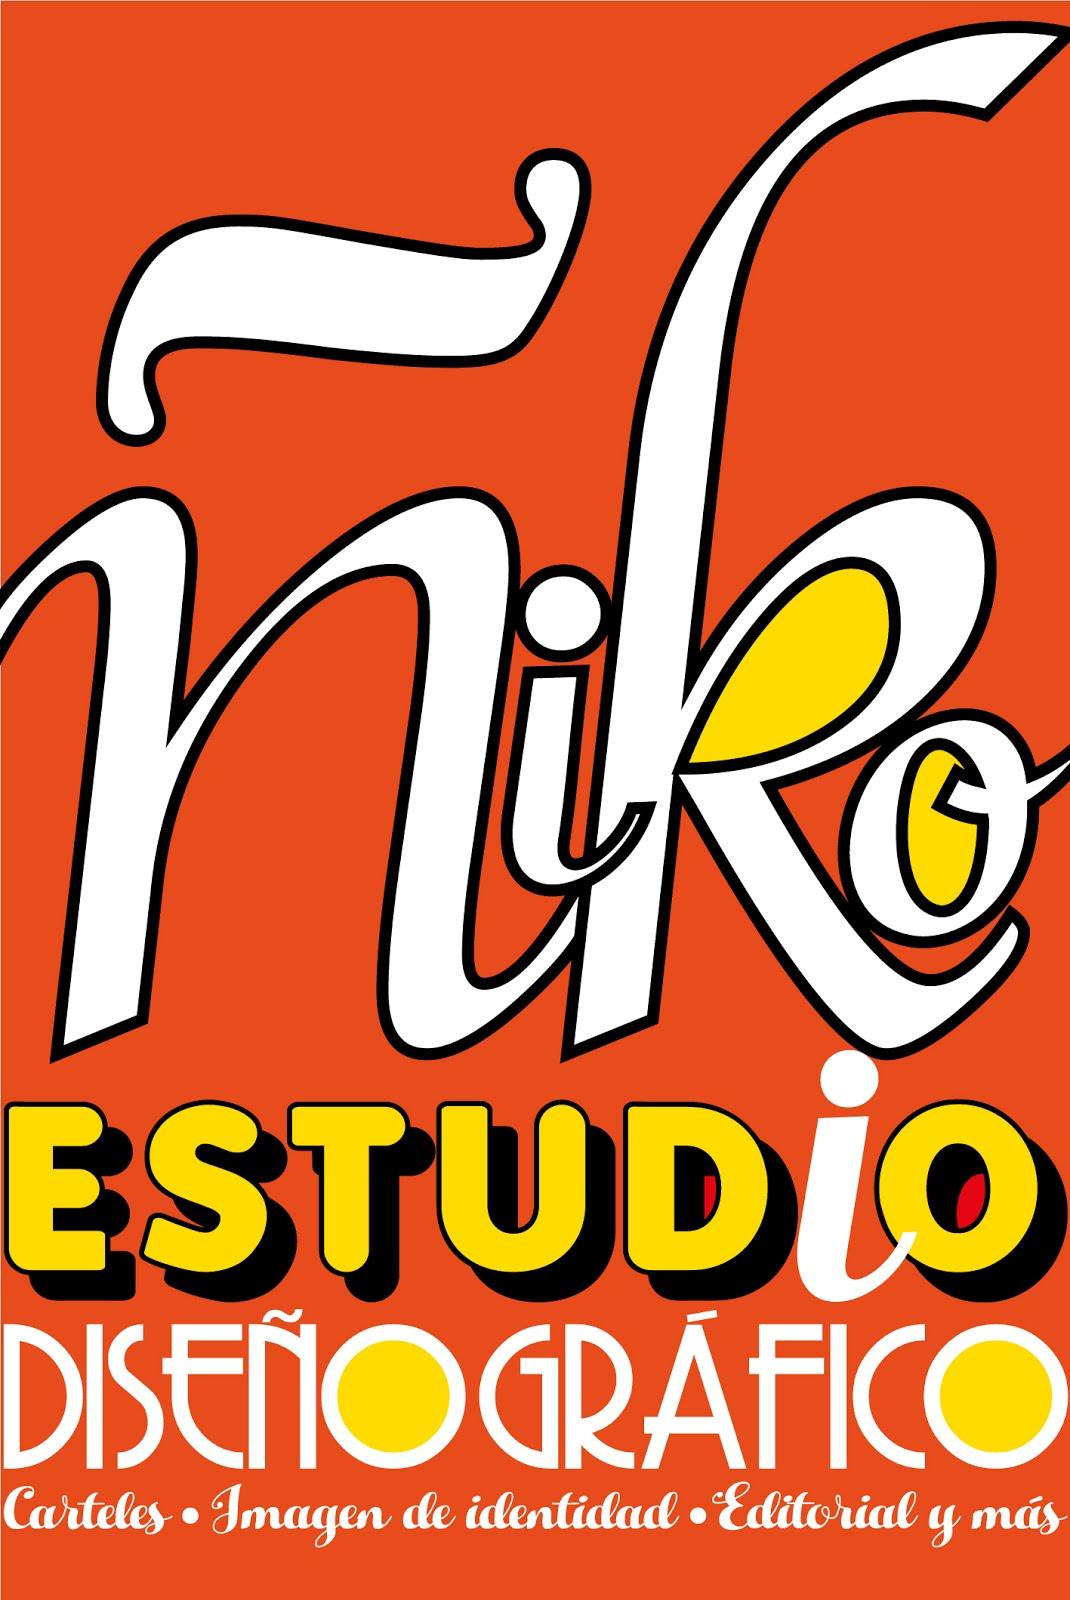 Ñiko Estudio de Diseño Gráfico